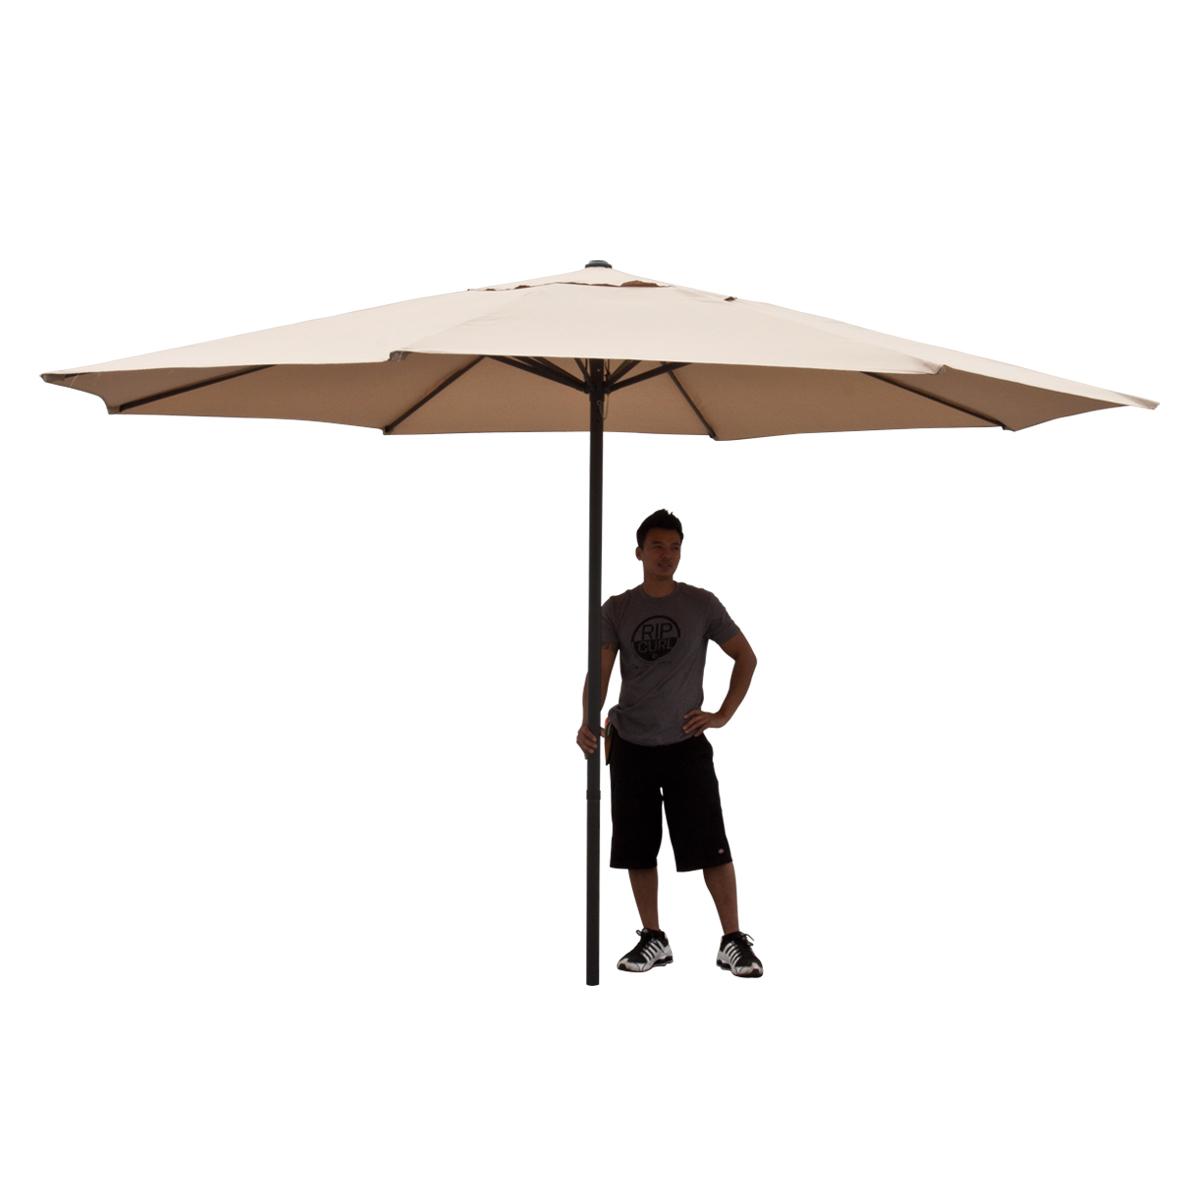 Patio Umbrella 13 FT Feet Beige Tent Deck Gazebo